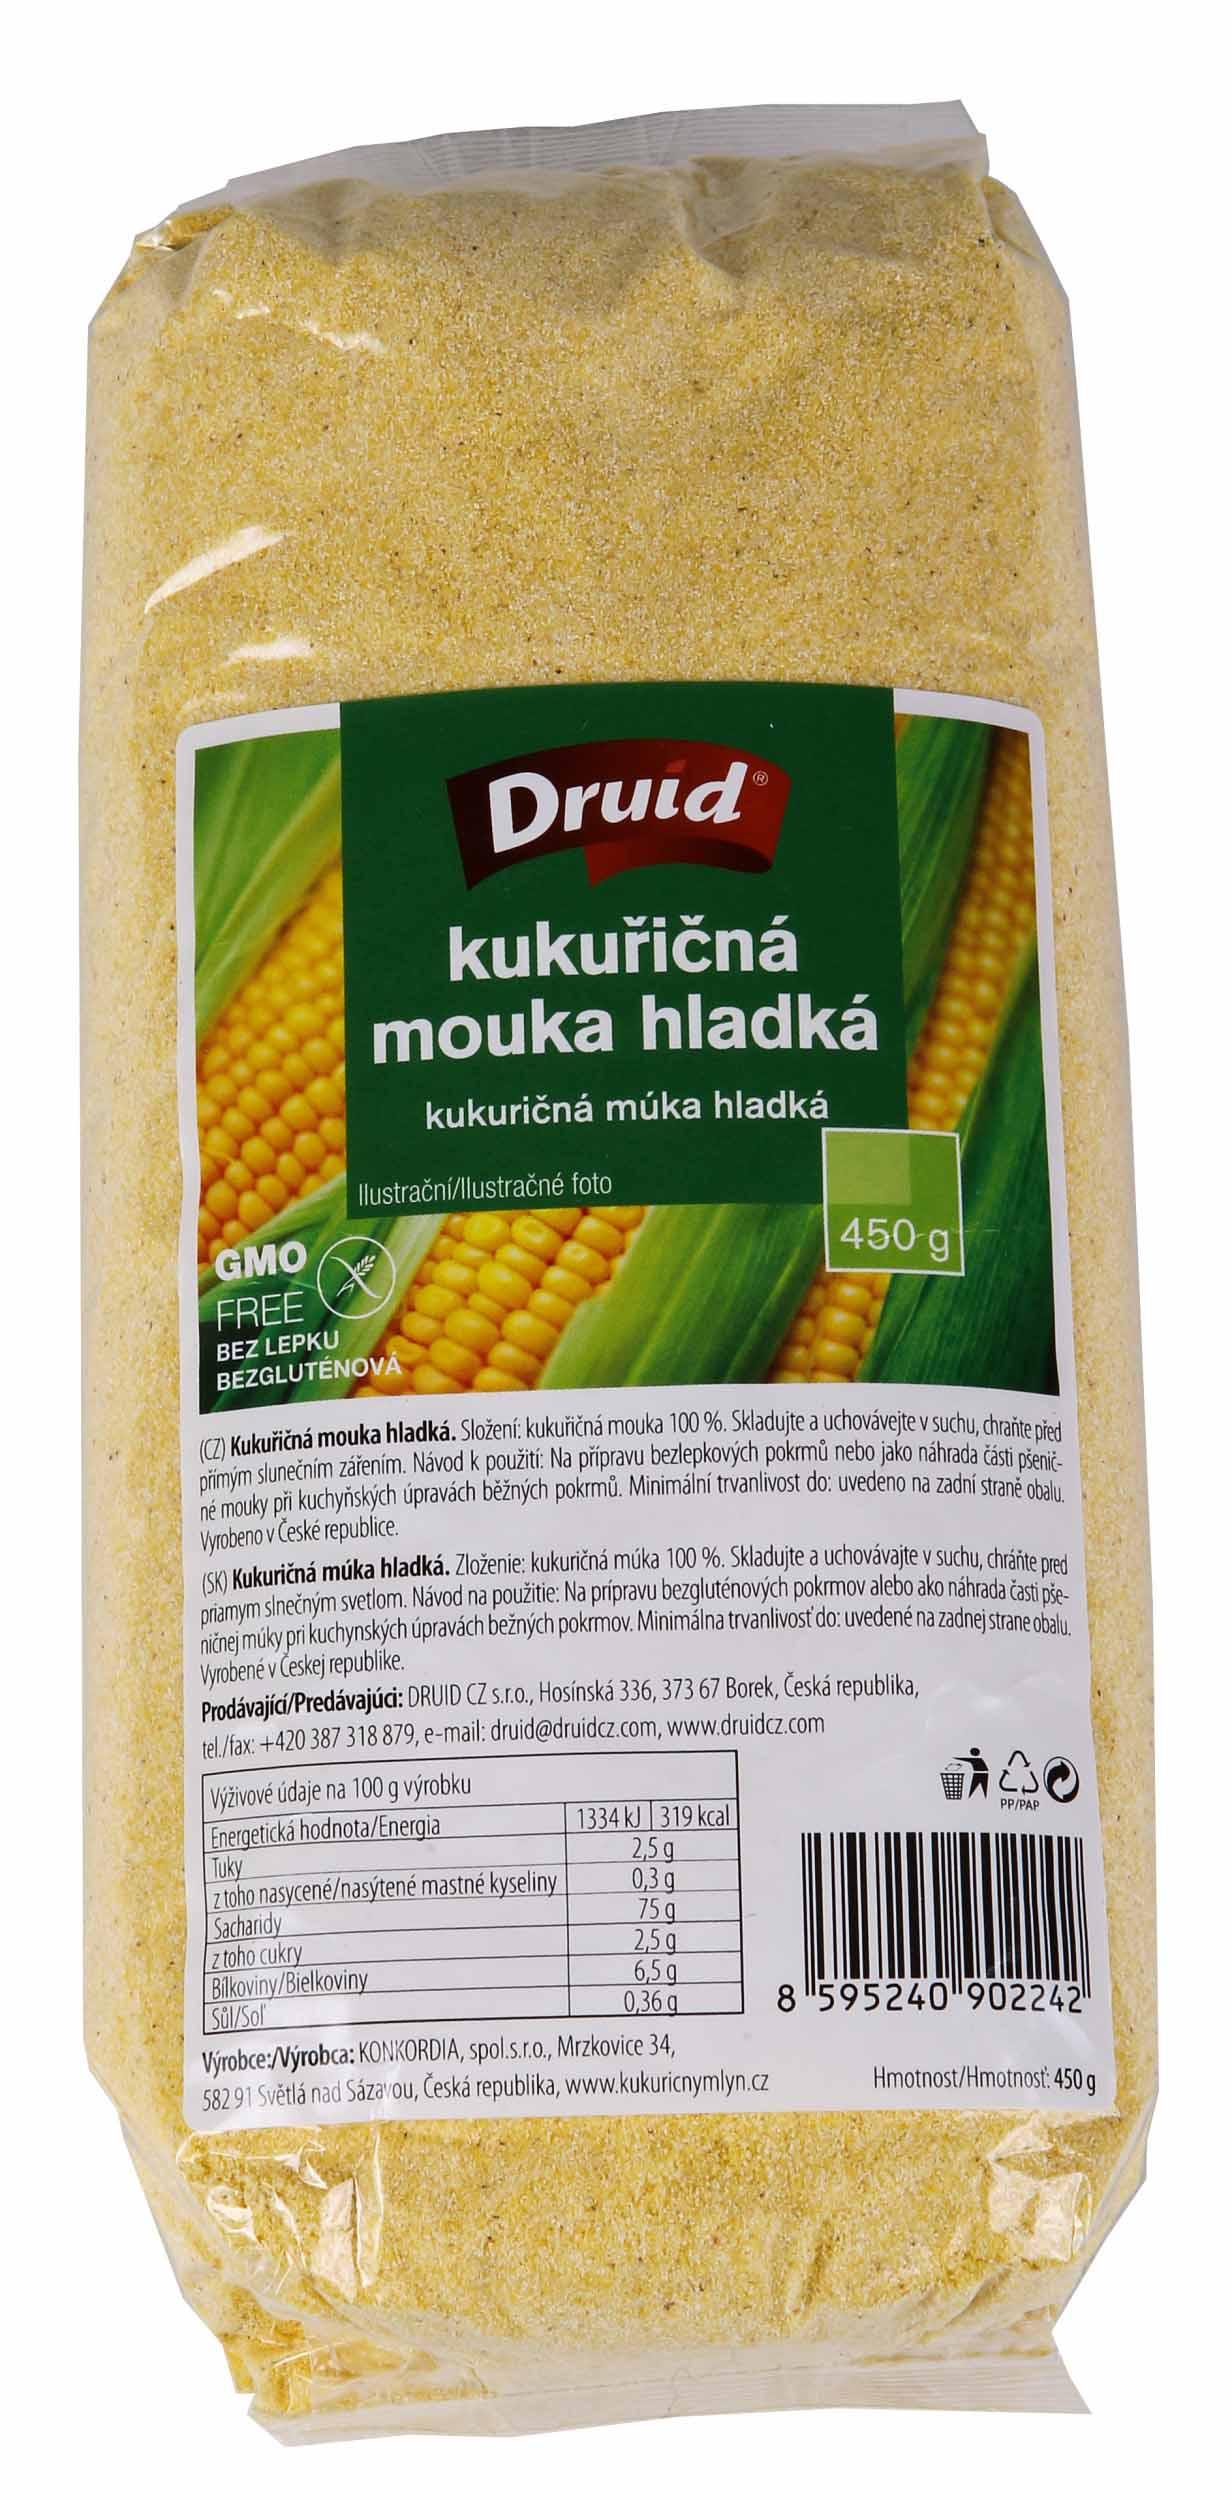 Kukuřičná mouka hladká DRUID 450g bez lepku